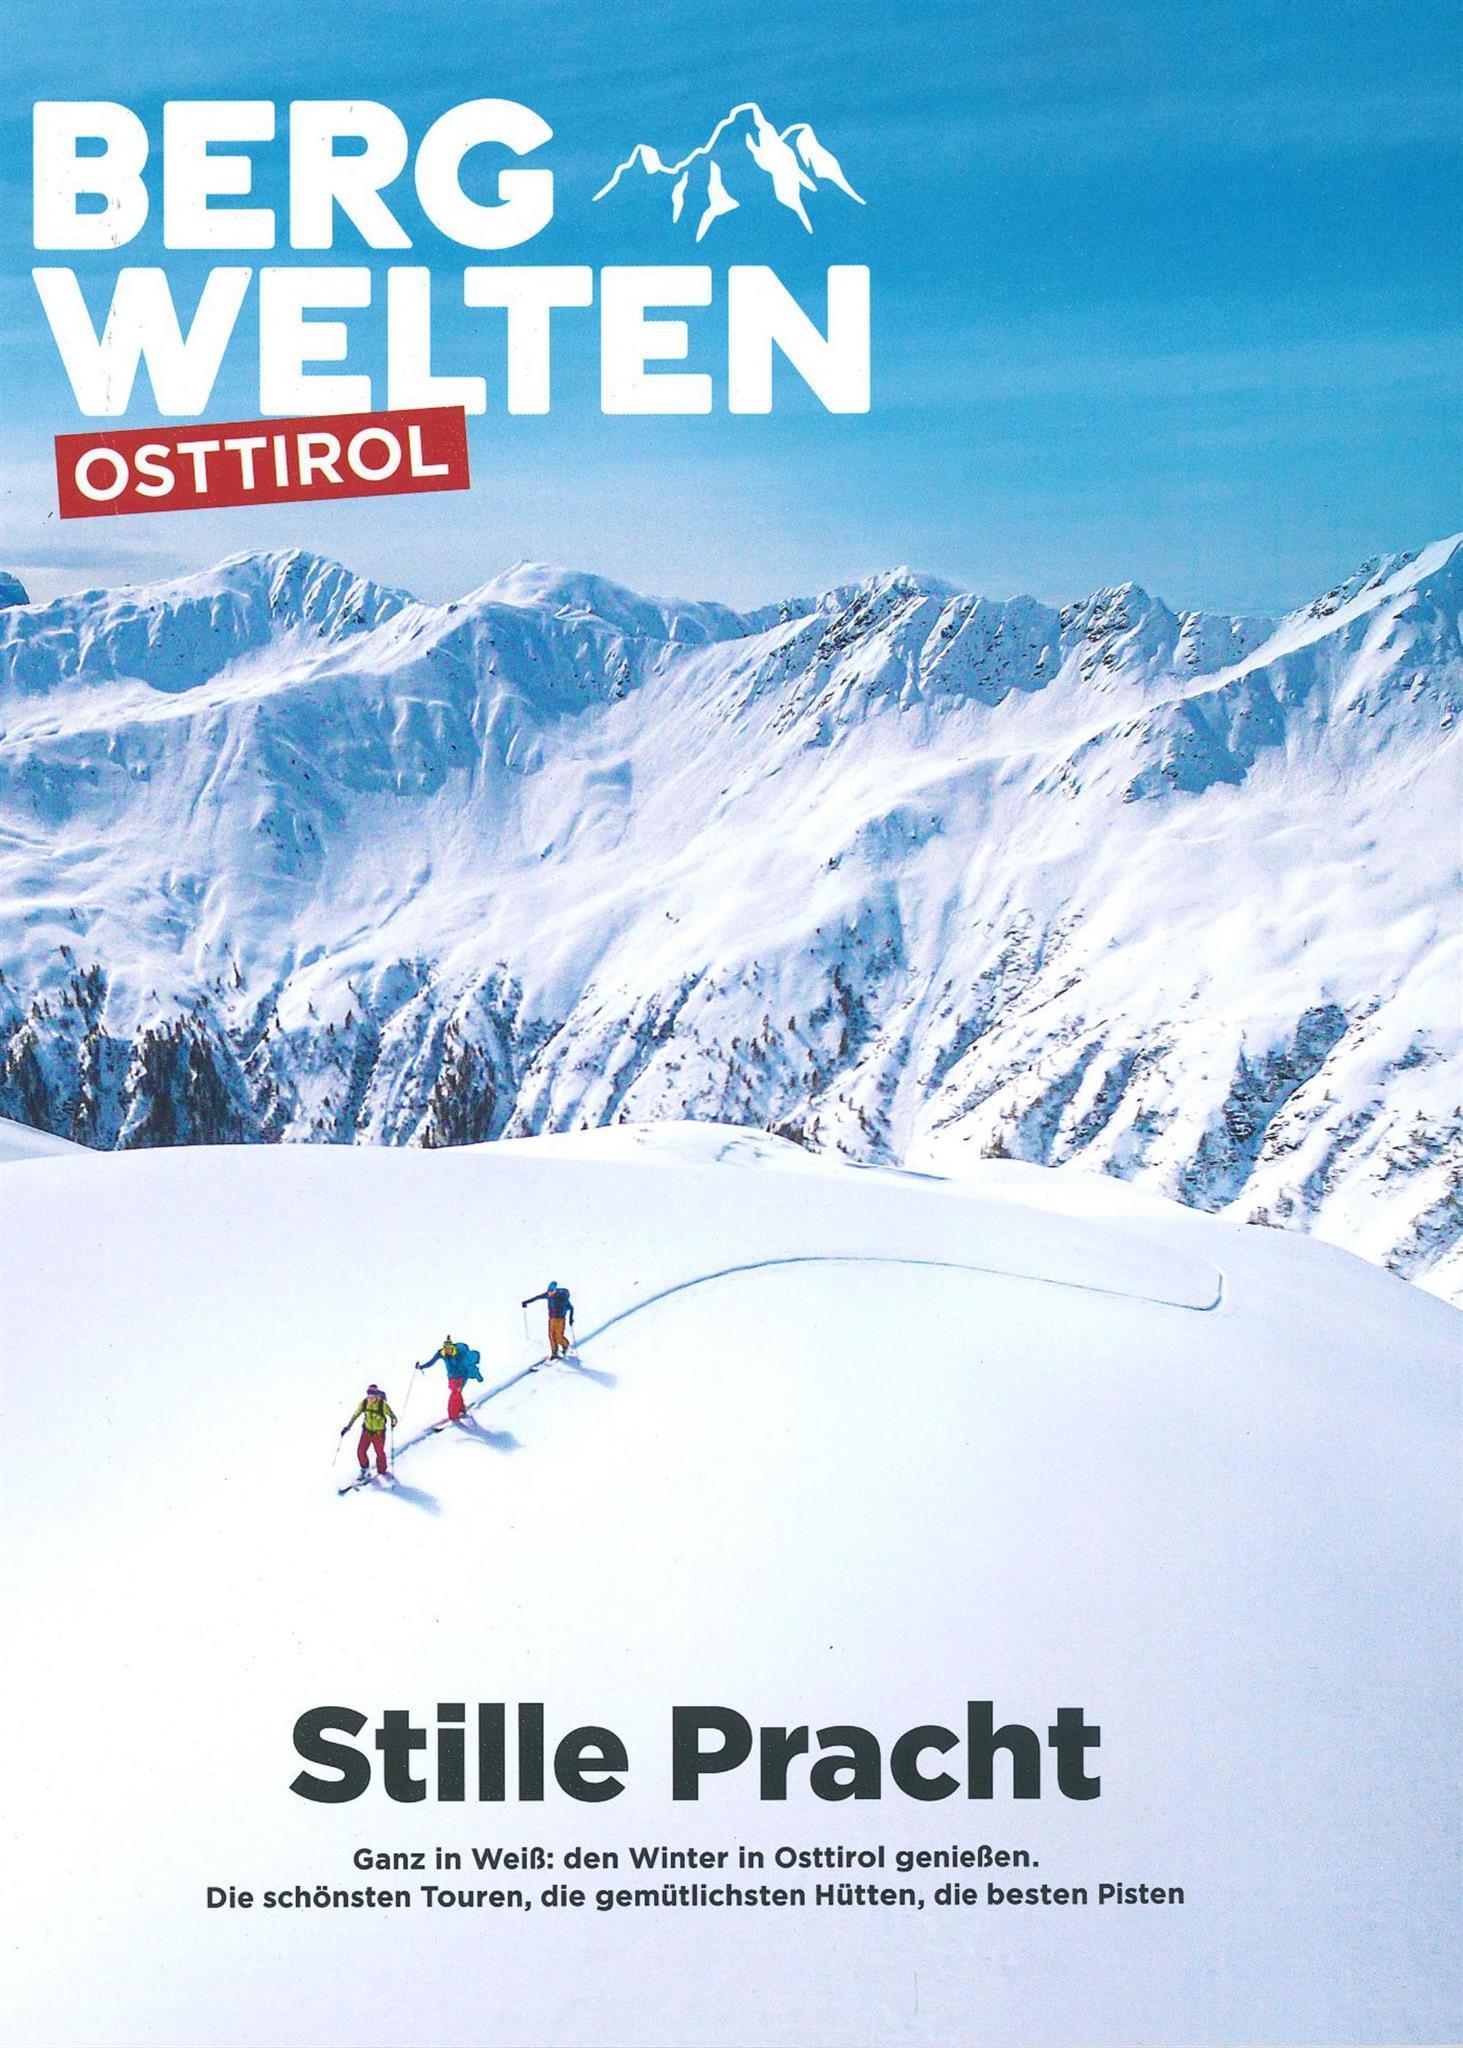 Bergwelten-Osttirol-Stille-Pracht.jpg